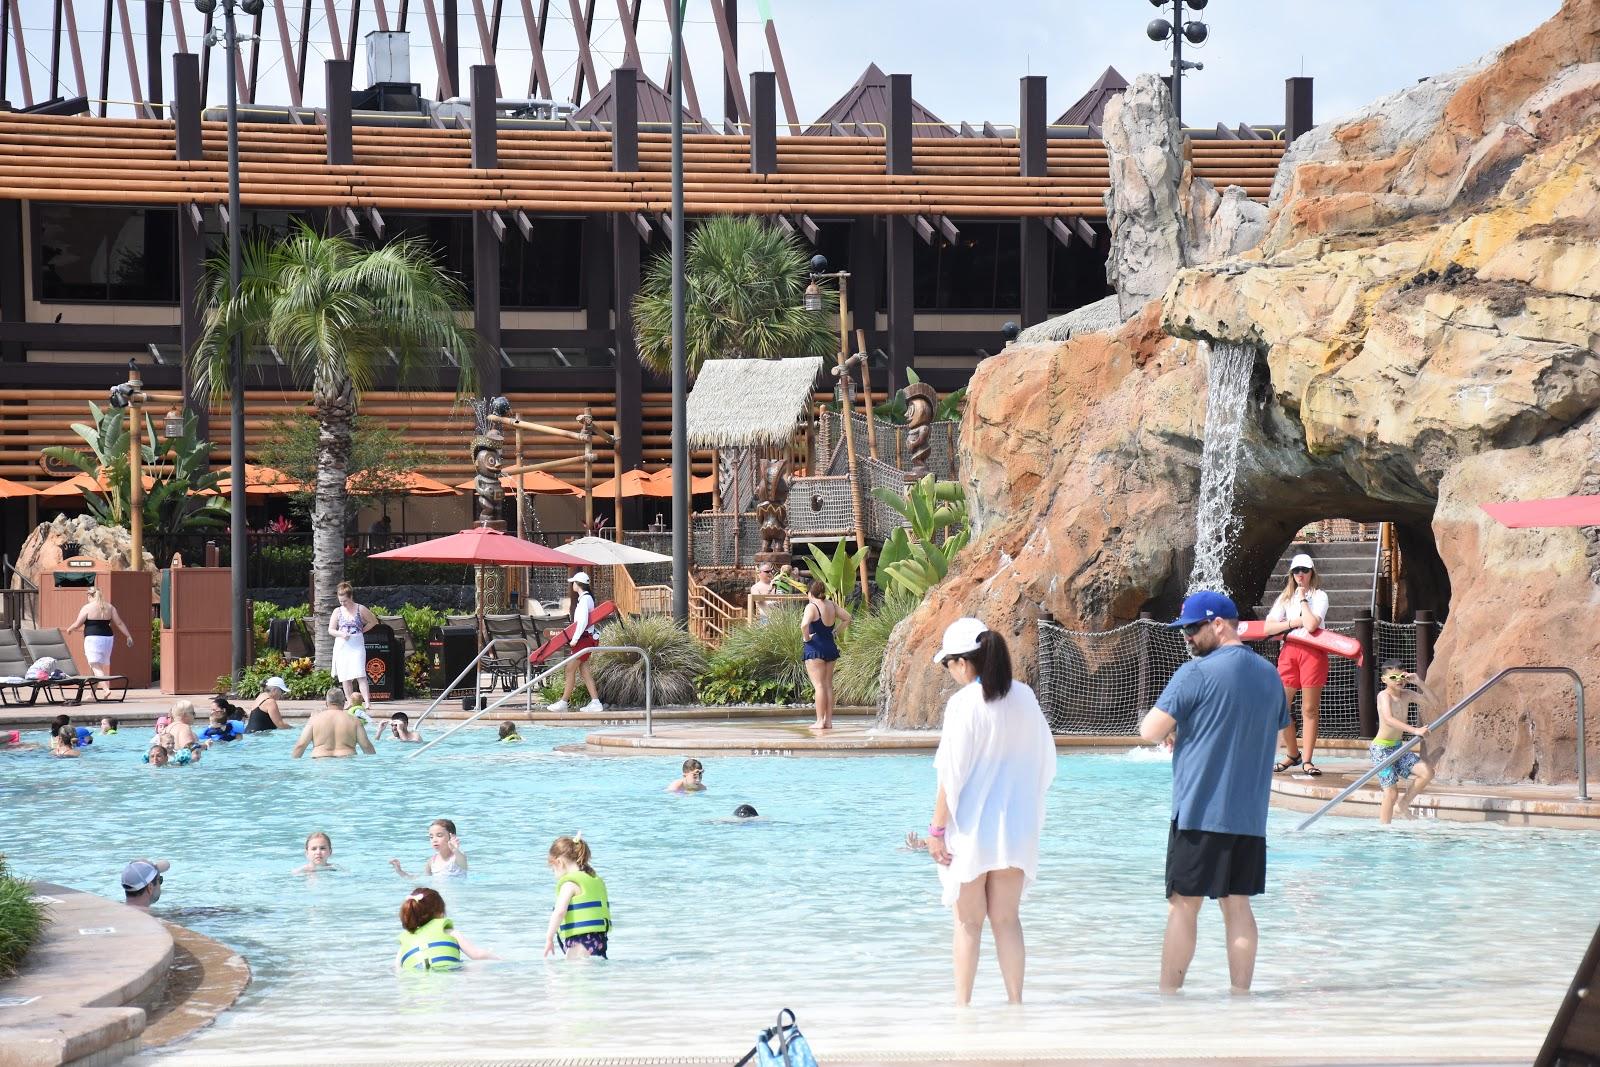 Pools at Disney